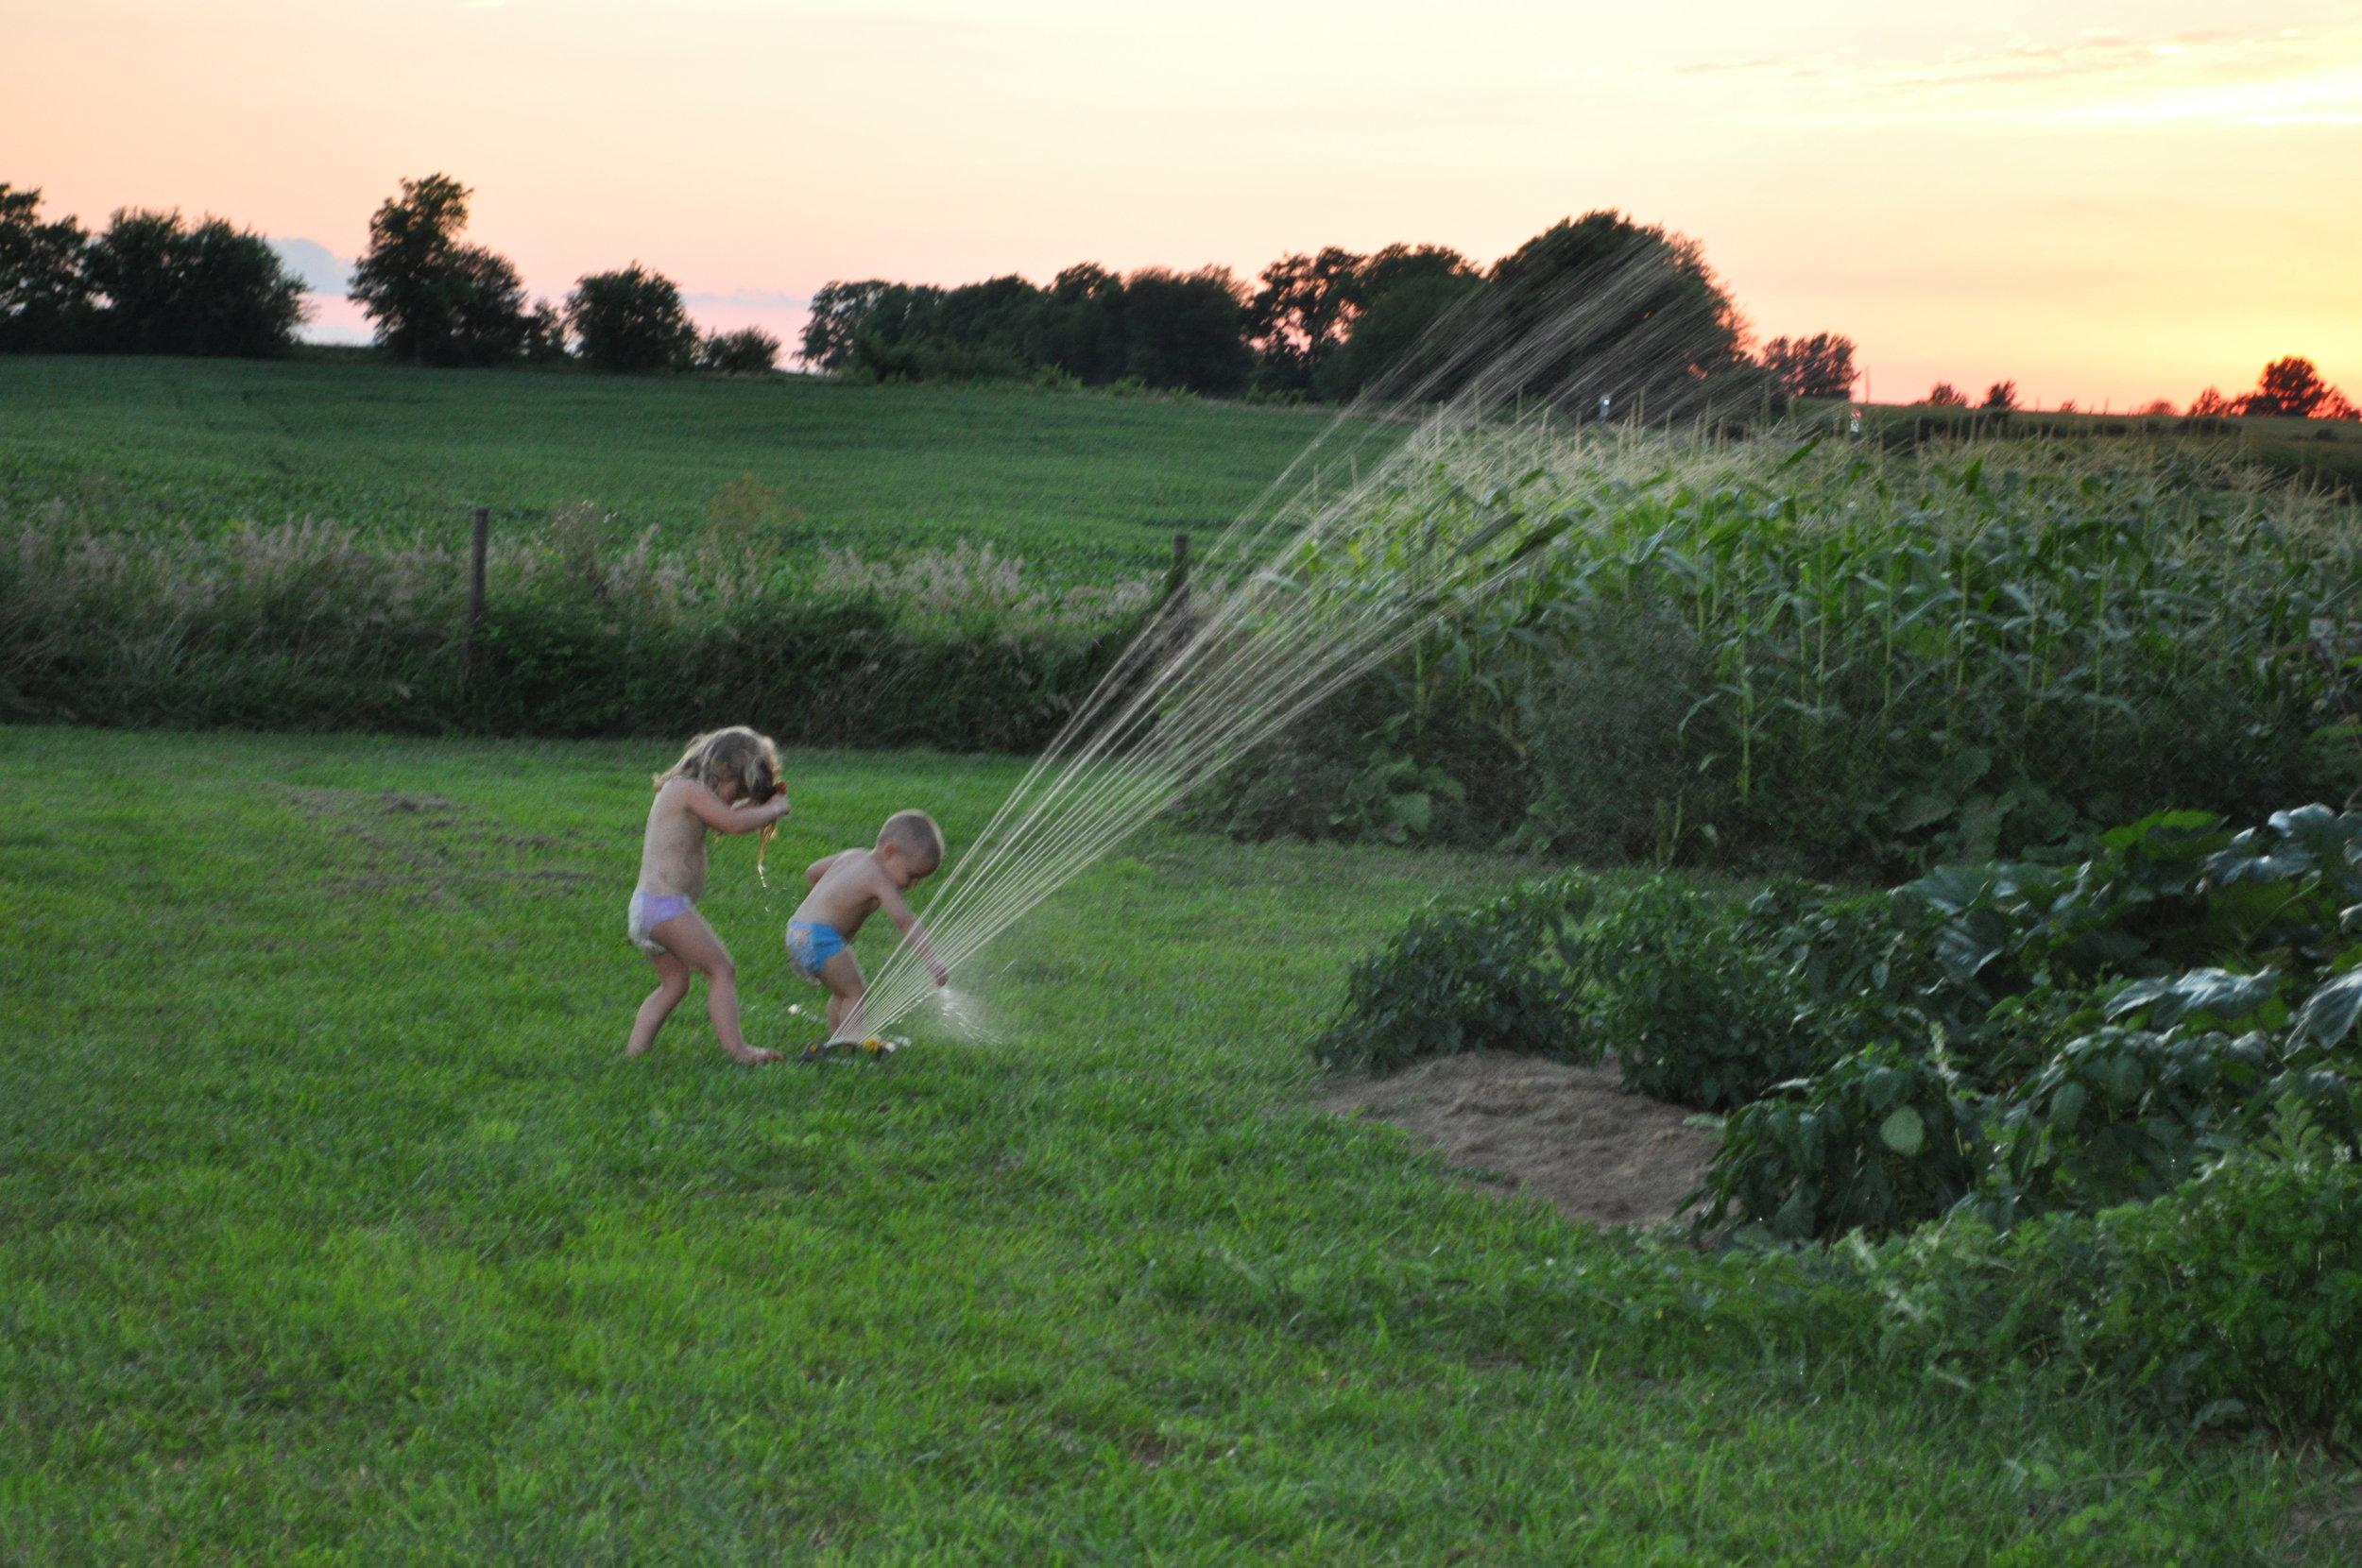 kids sprinkler.JPG